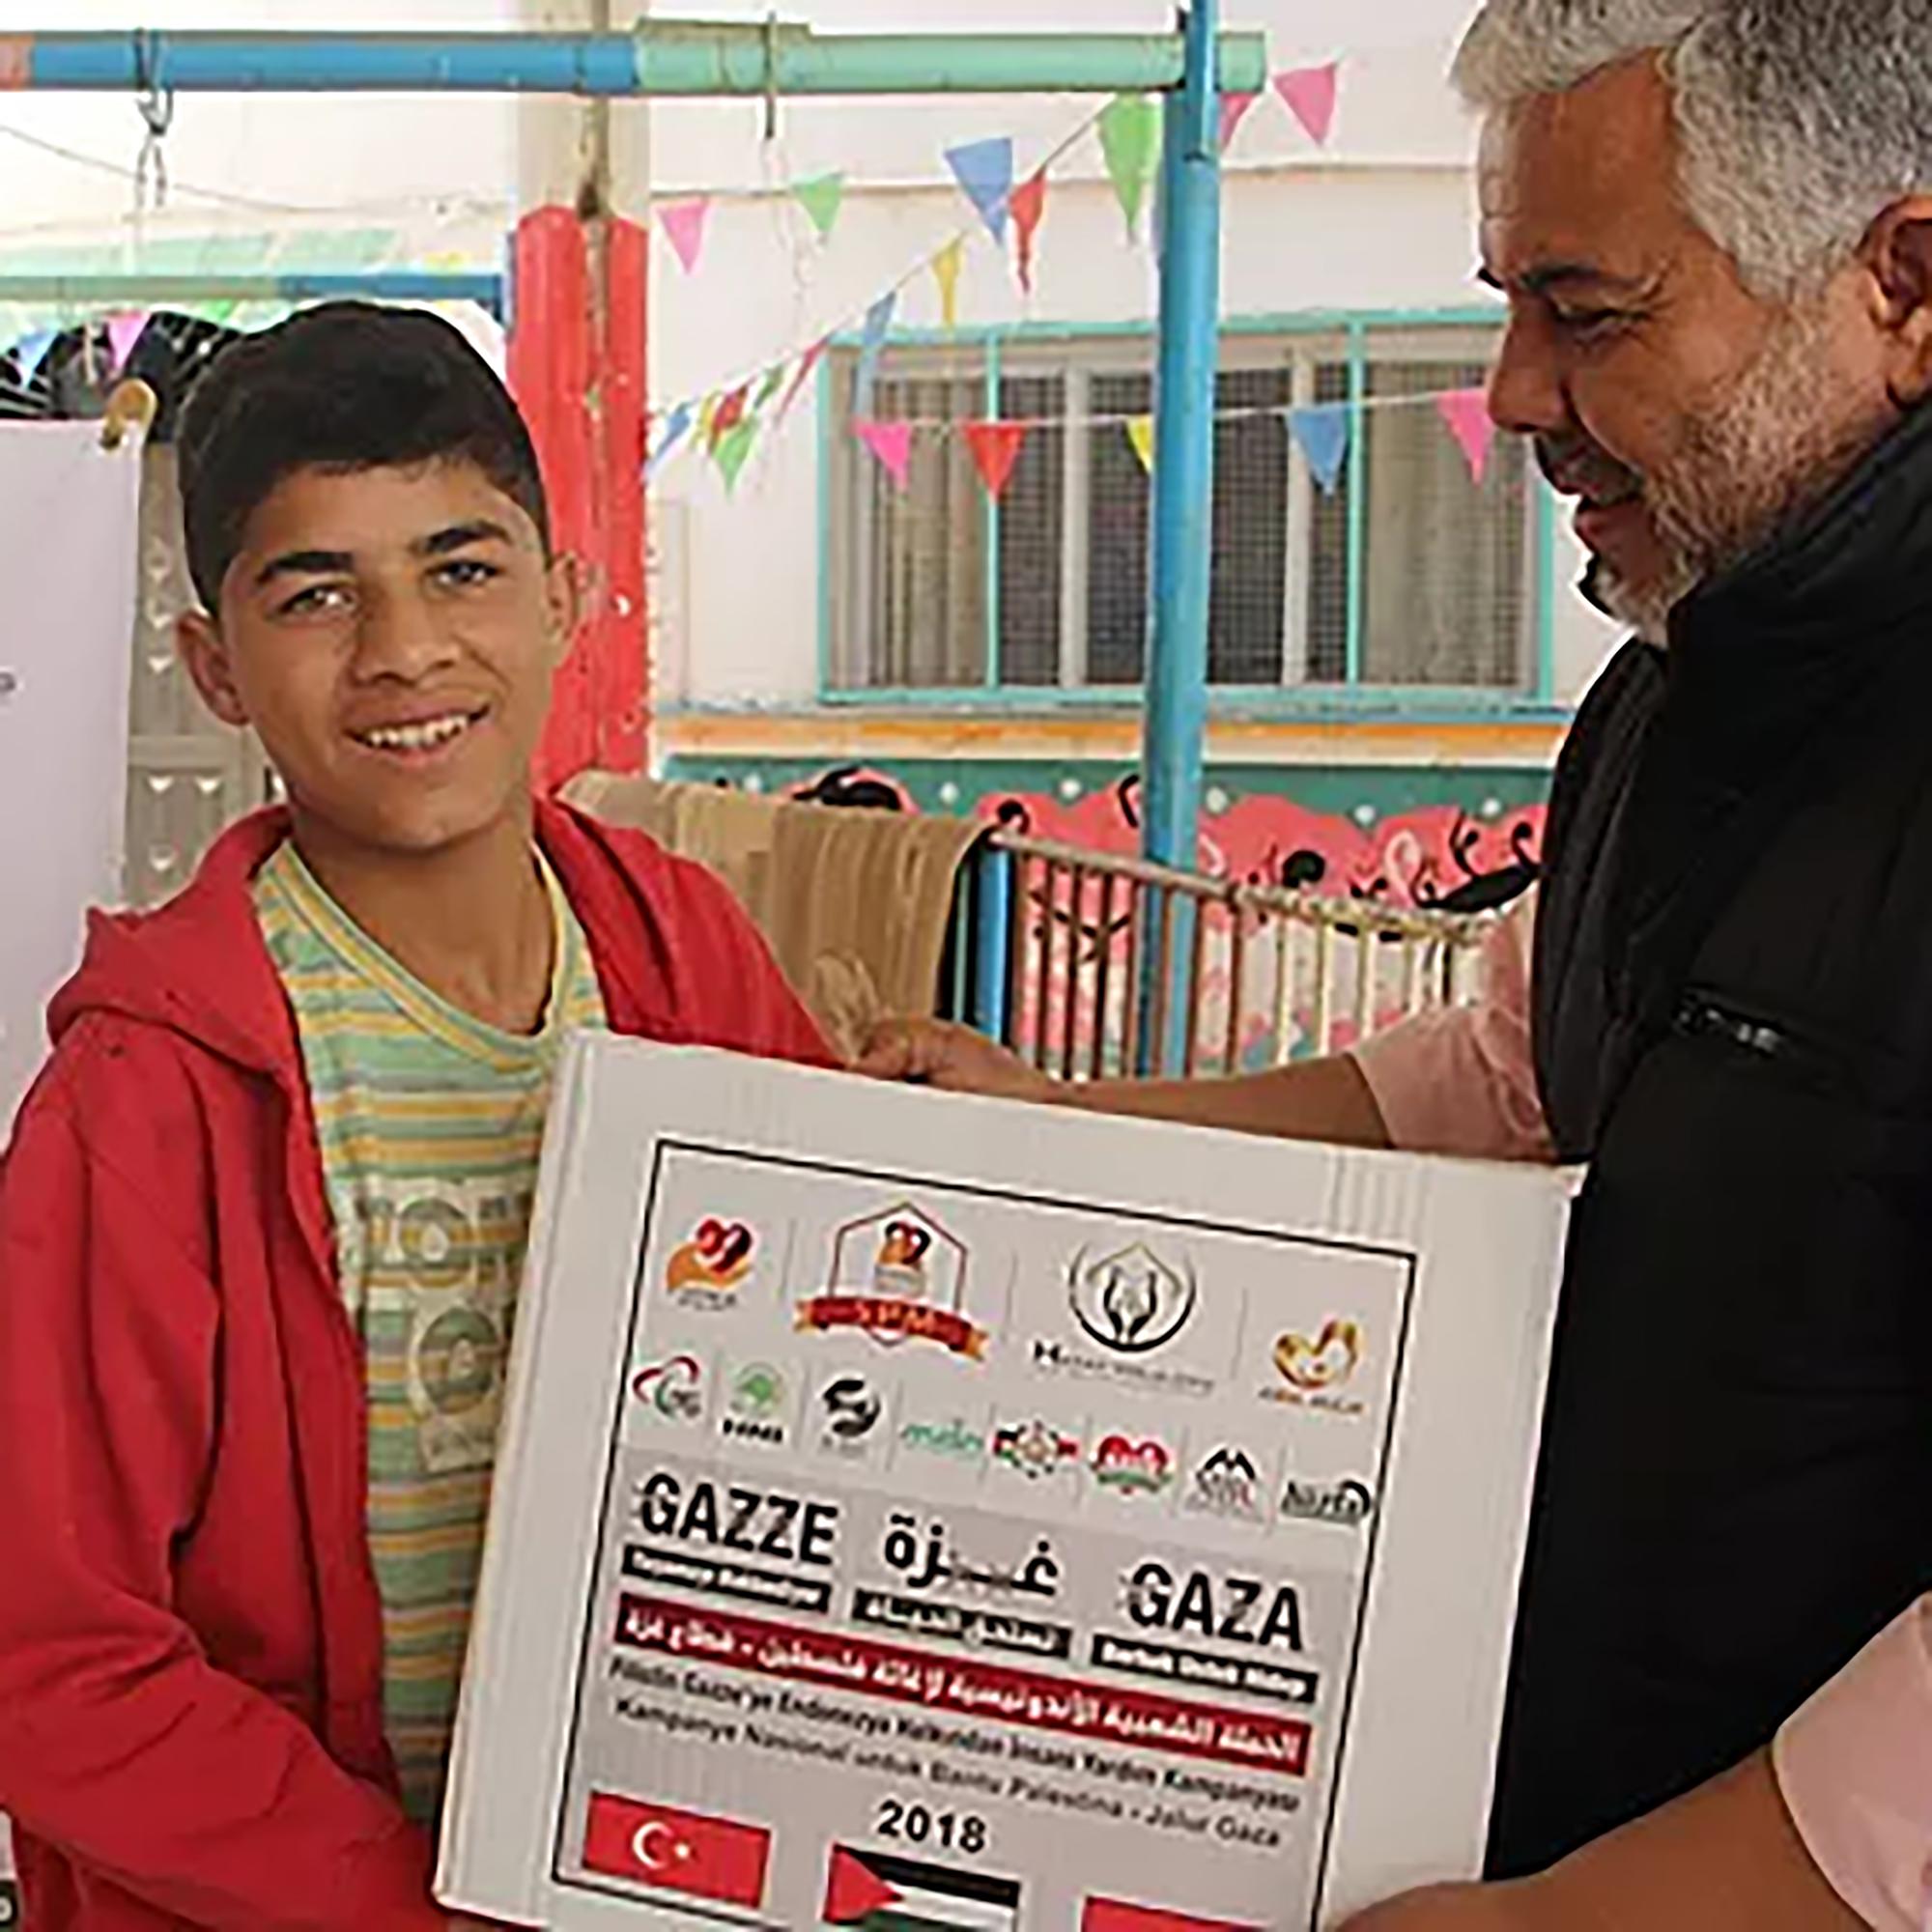 GAZA FOOD BASKET